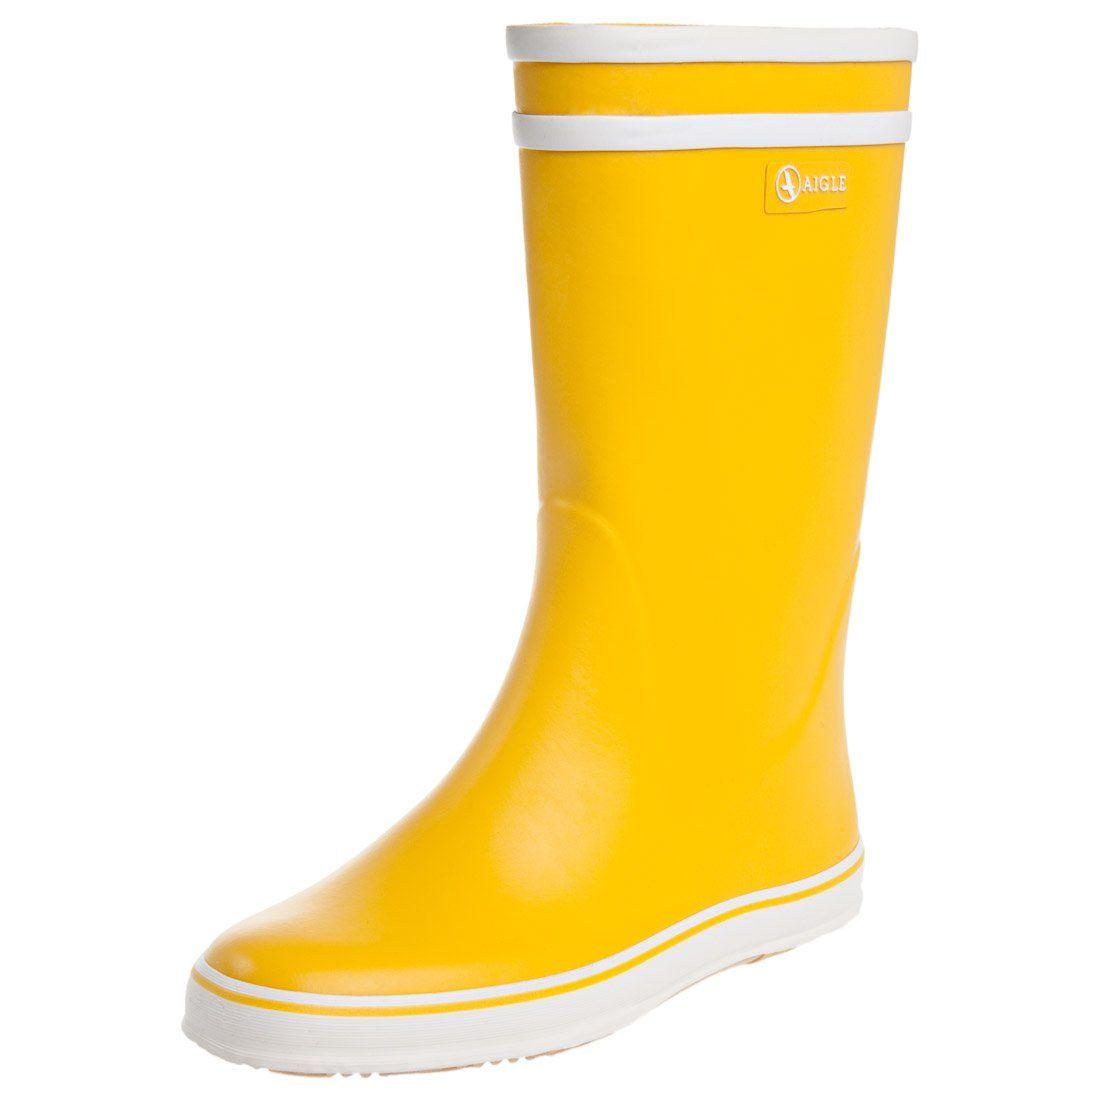 Aigle  MALOUINE - Kumisaappaat - keltainen  Zalando 49,95€